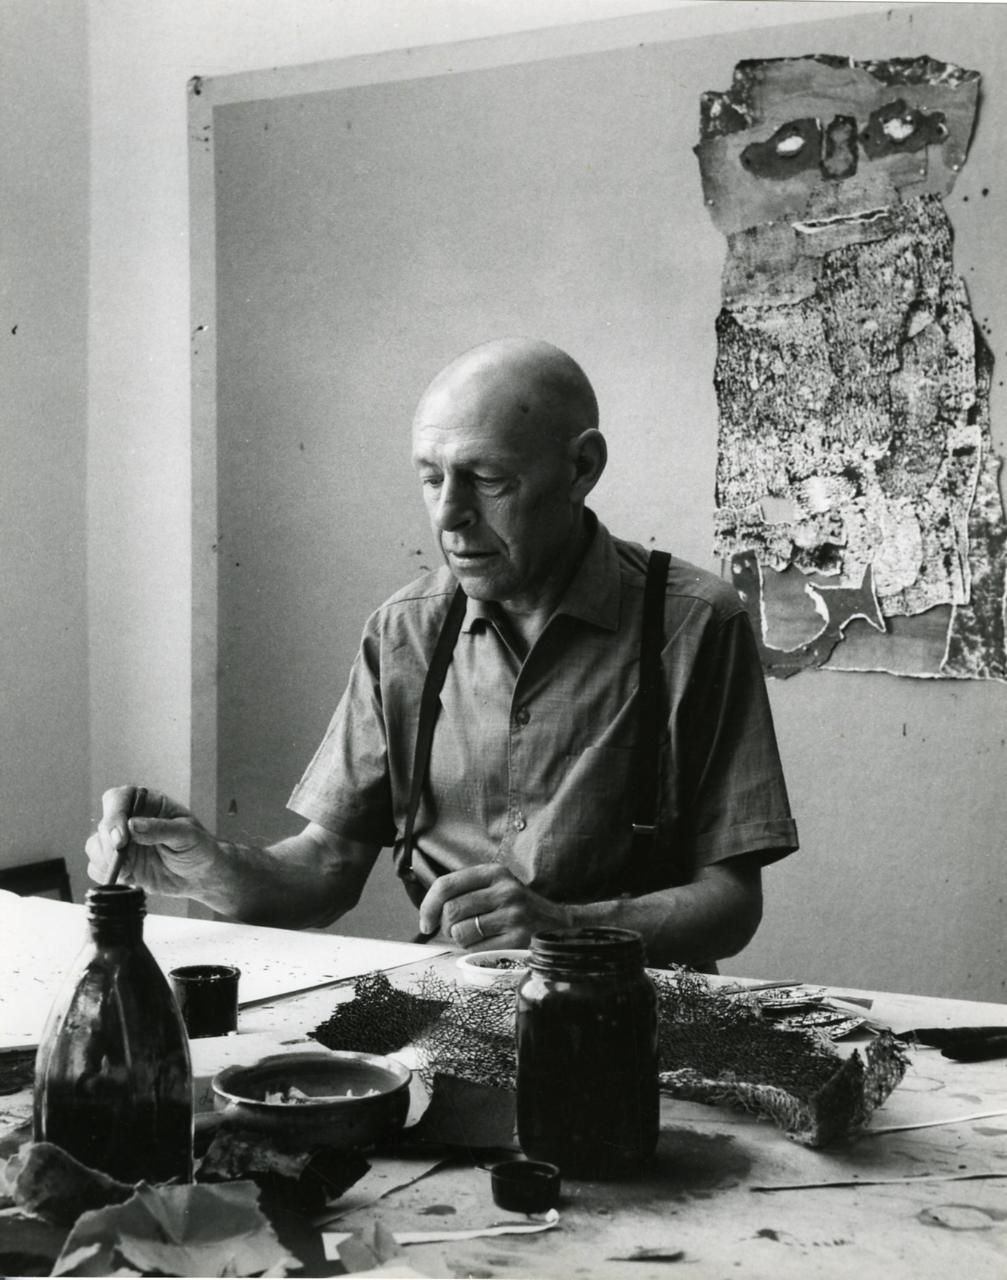 ジャン・デュビュッフェの画像 p1_23